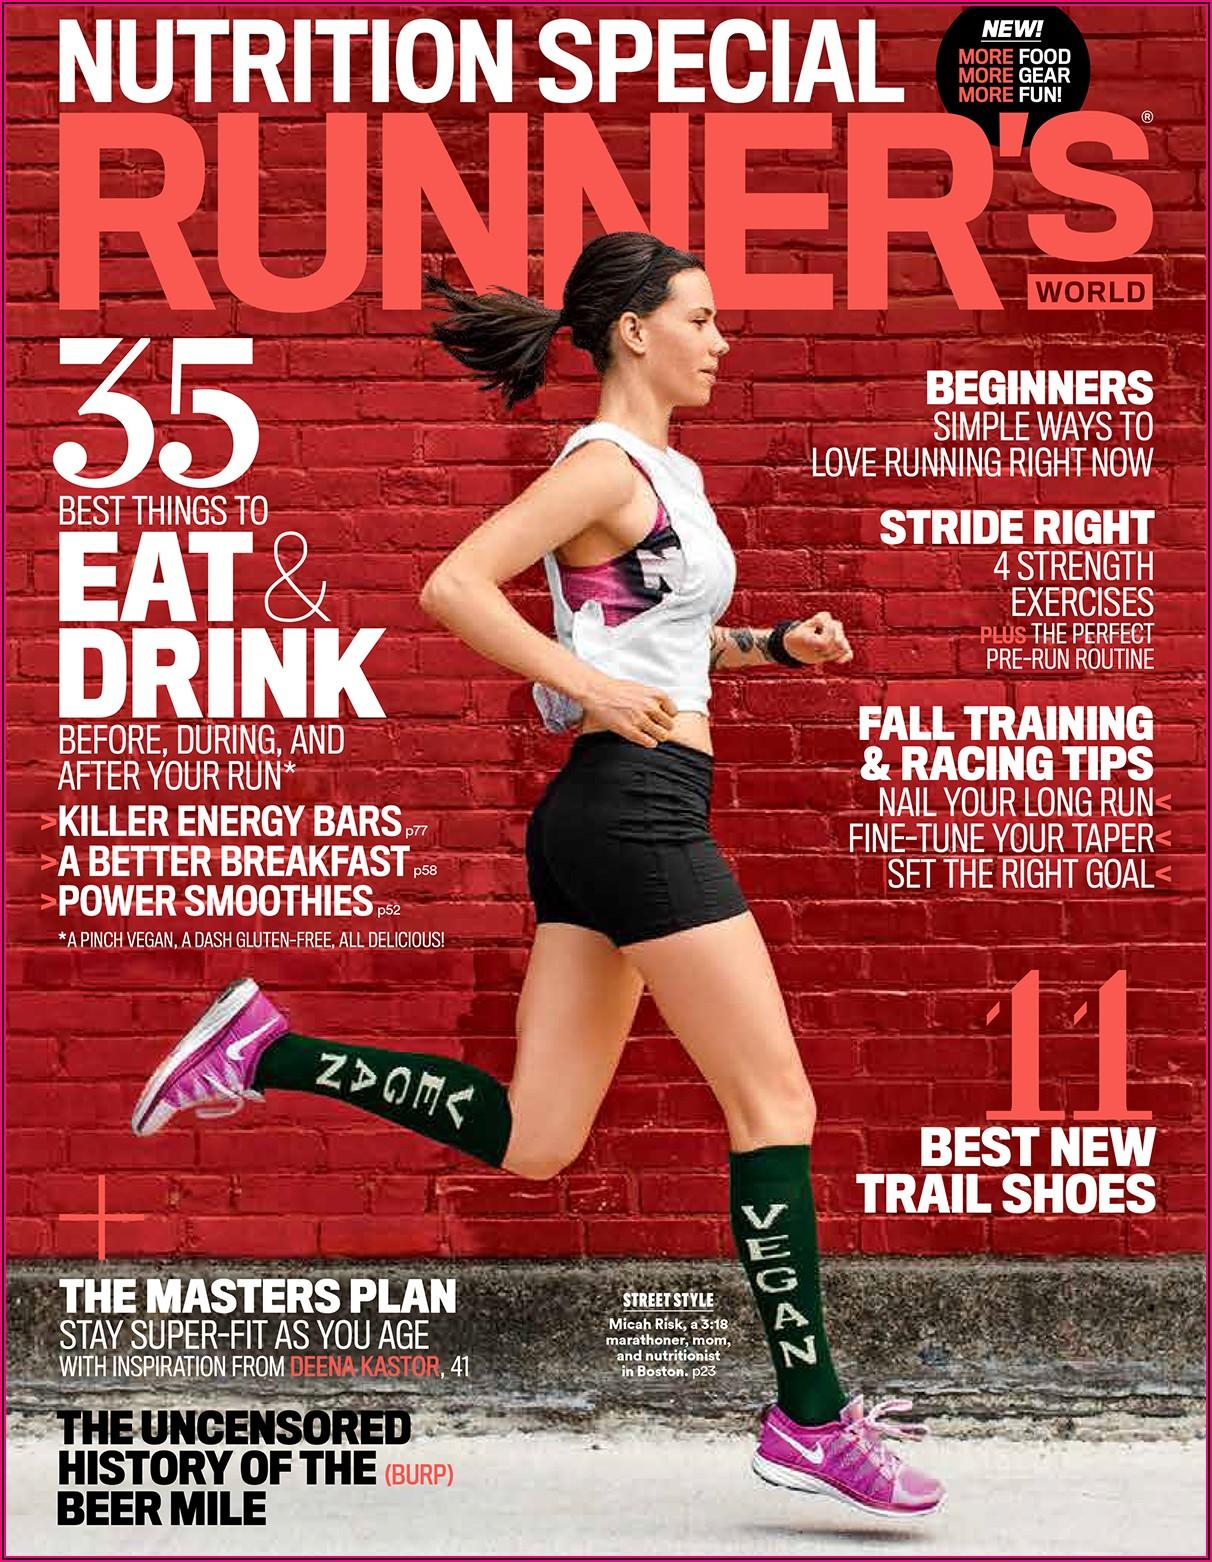 Runner's World Newsletter